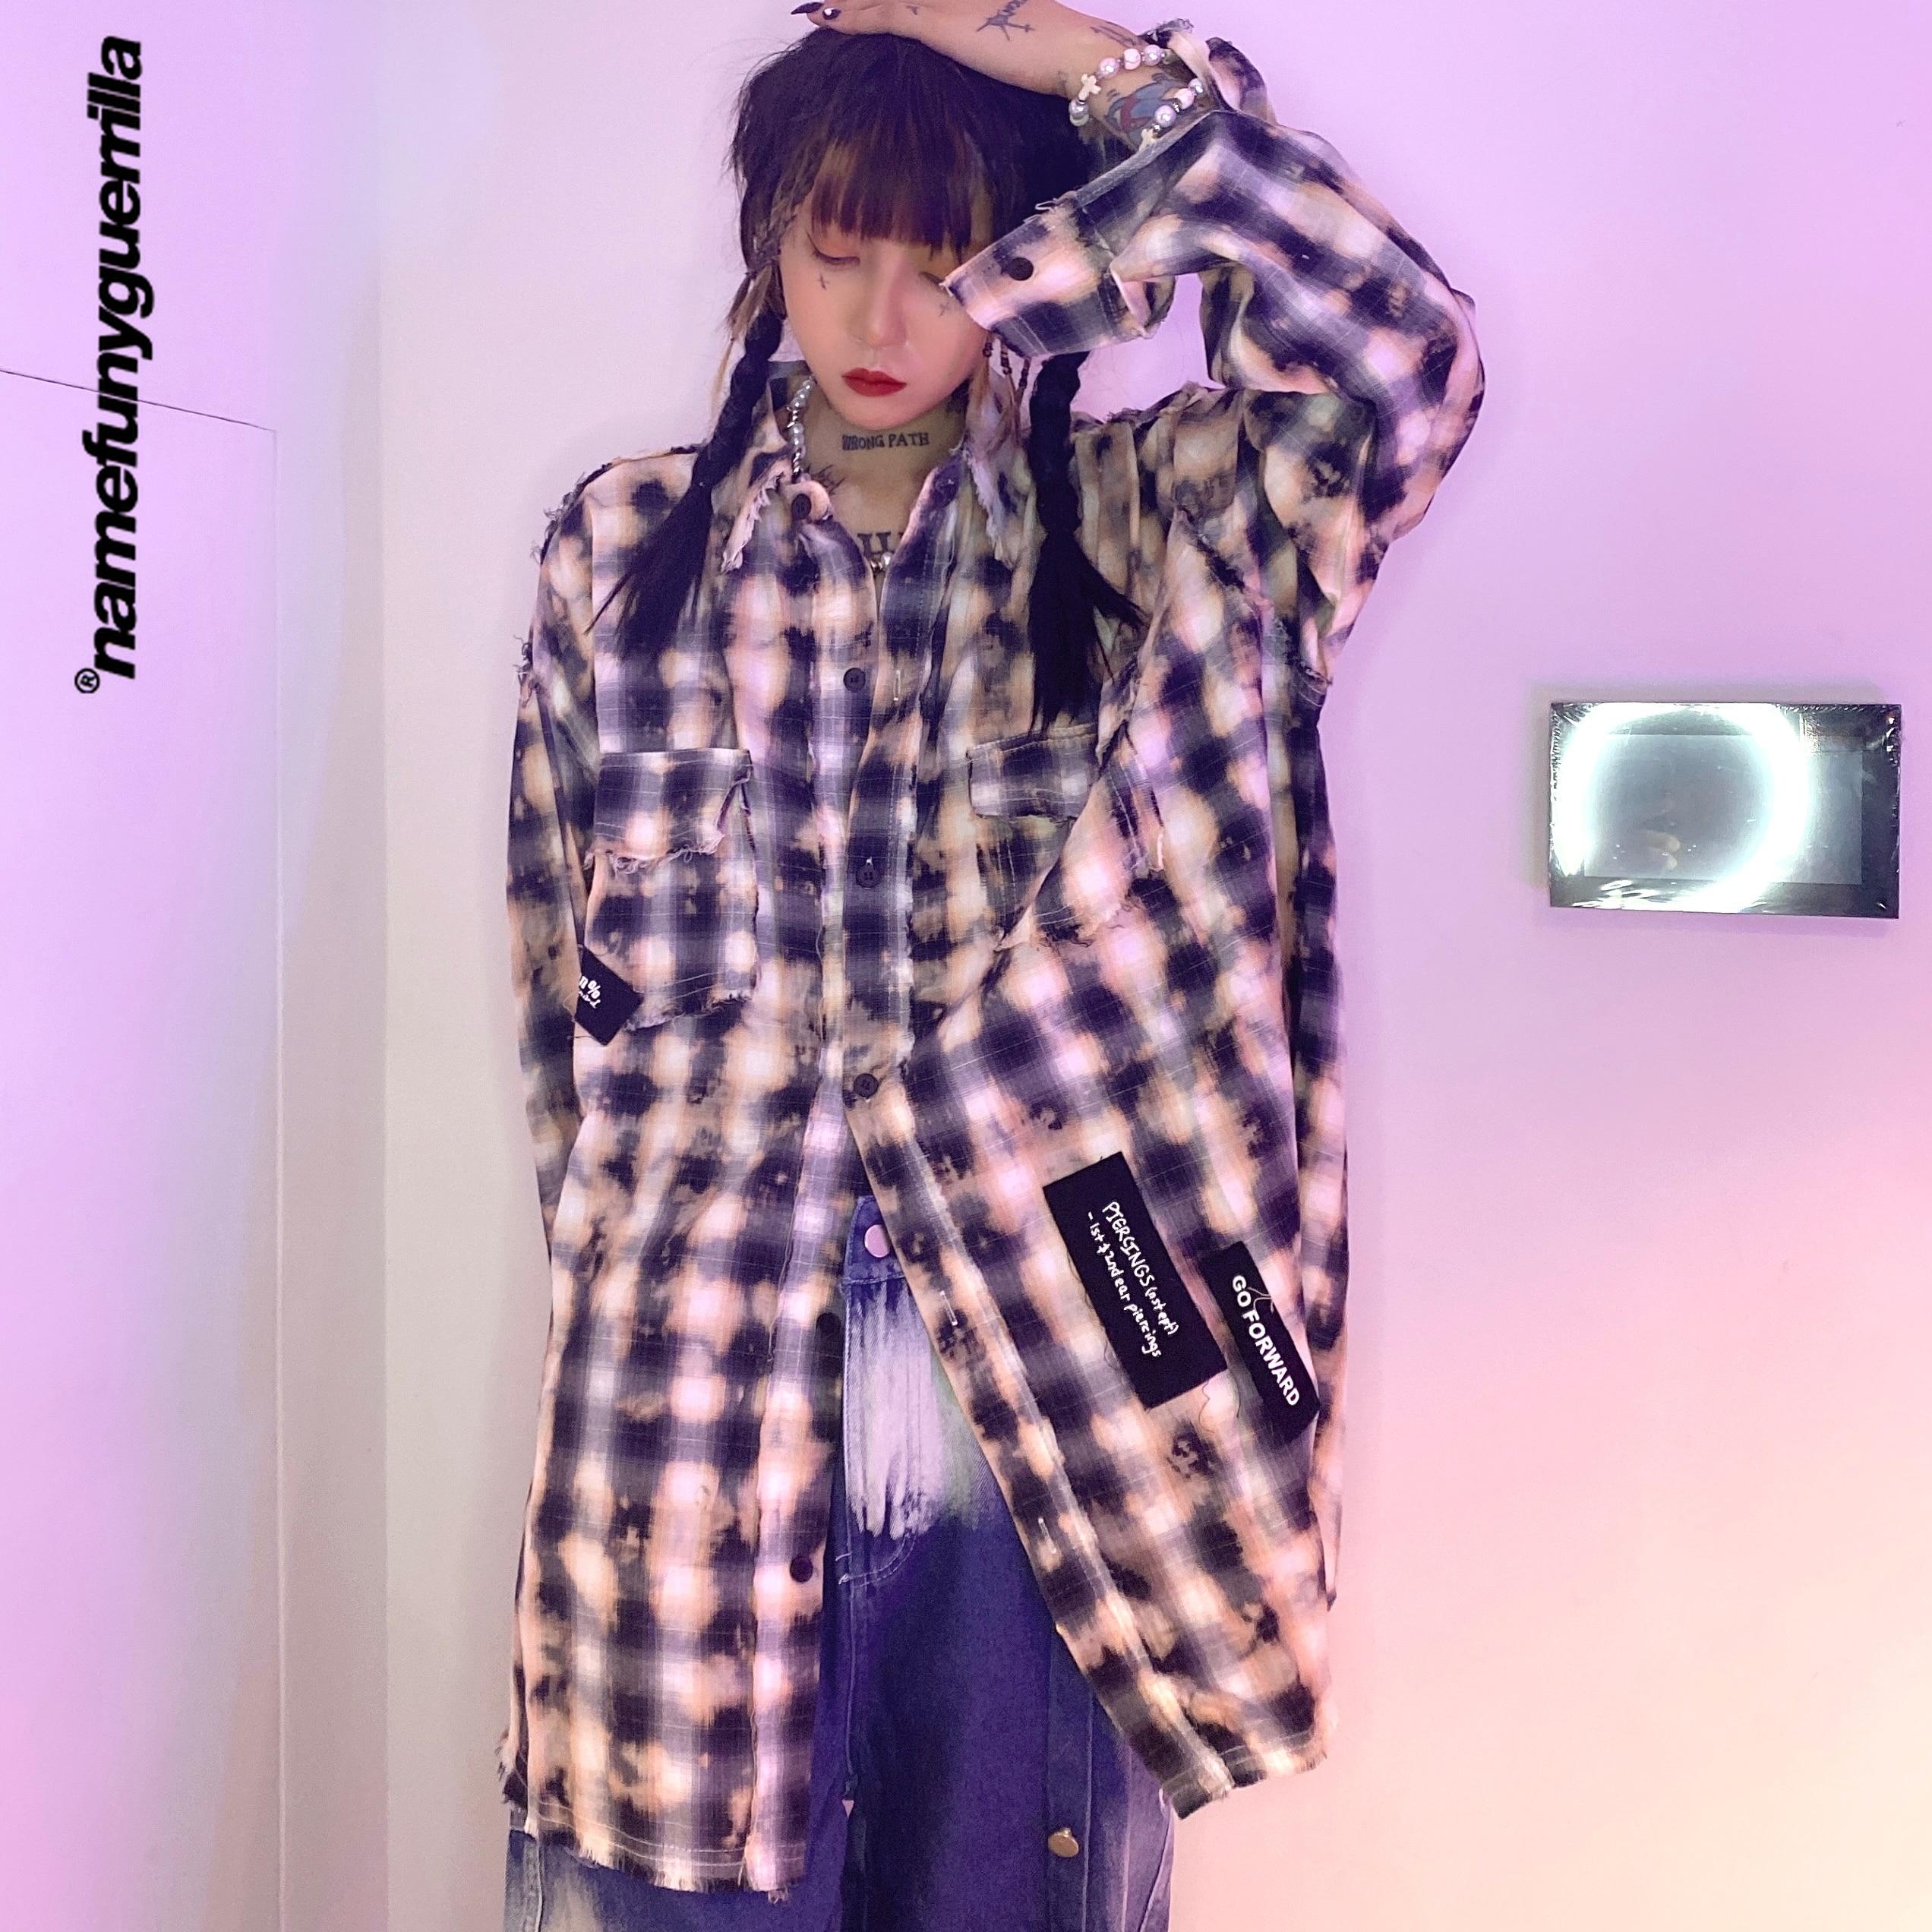 Namefunyguerrilla منقوشة الياقة زر قميص يصل قميص طويل الأكمام الهيب هوب شحن مجاني البنود الملابس للنساء حجم كبير 21008